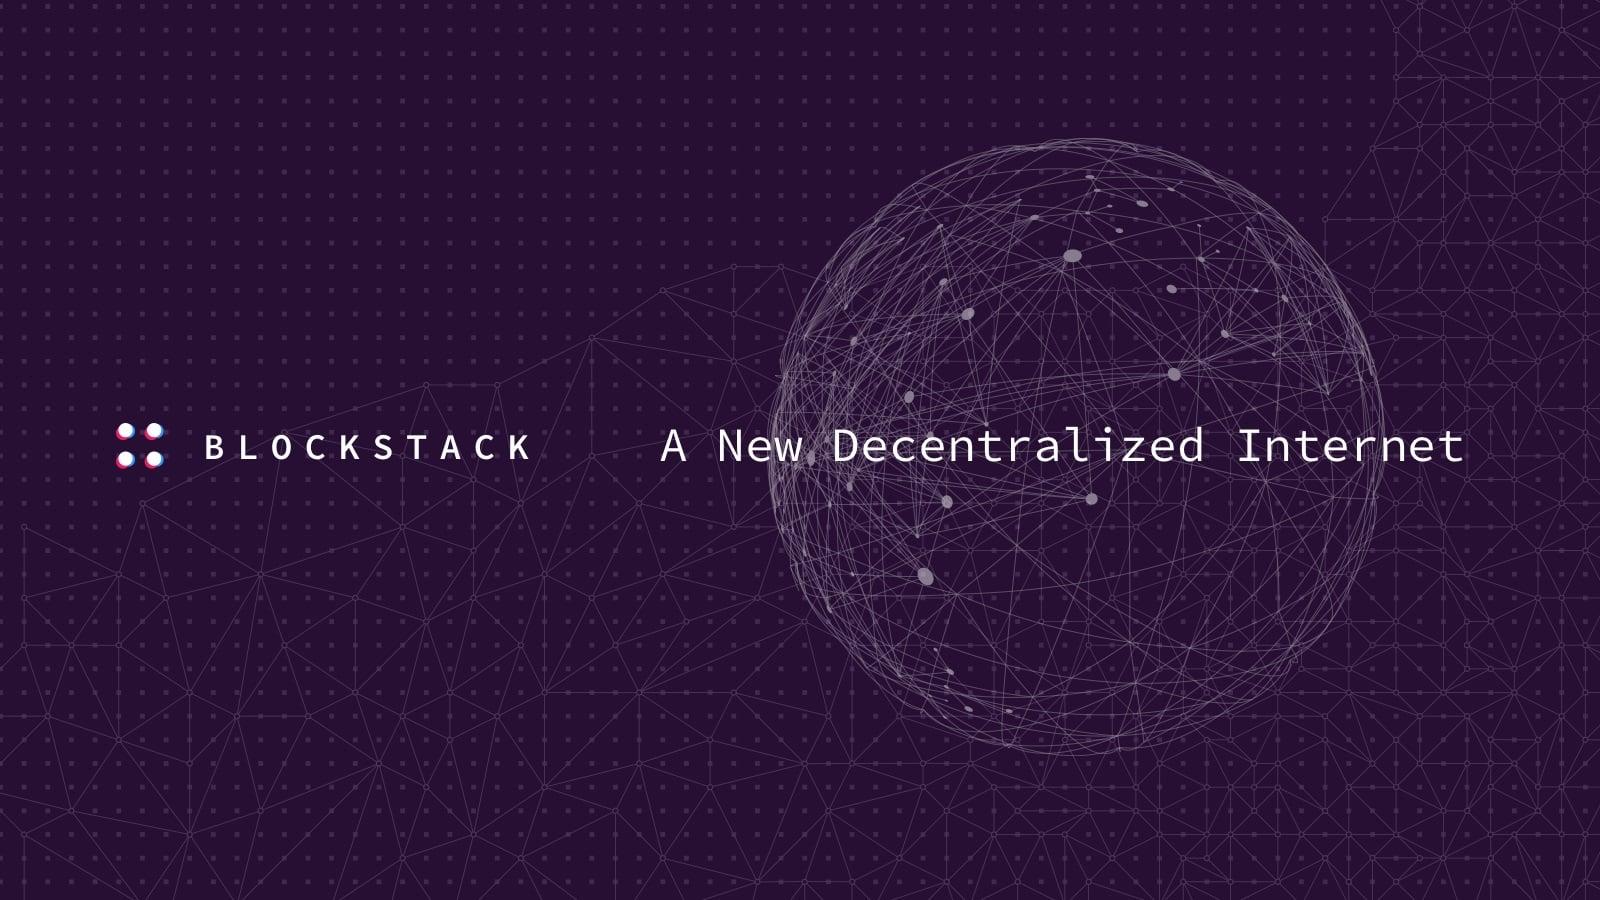 پروژه بلاک استک چیست؟ Blockstack